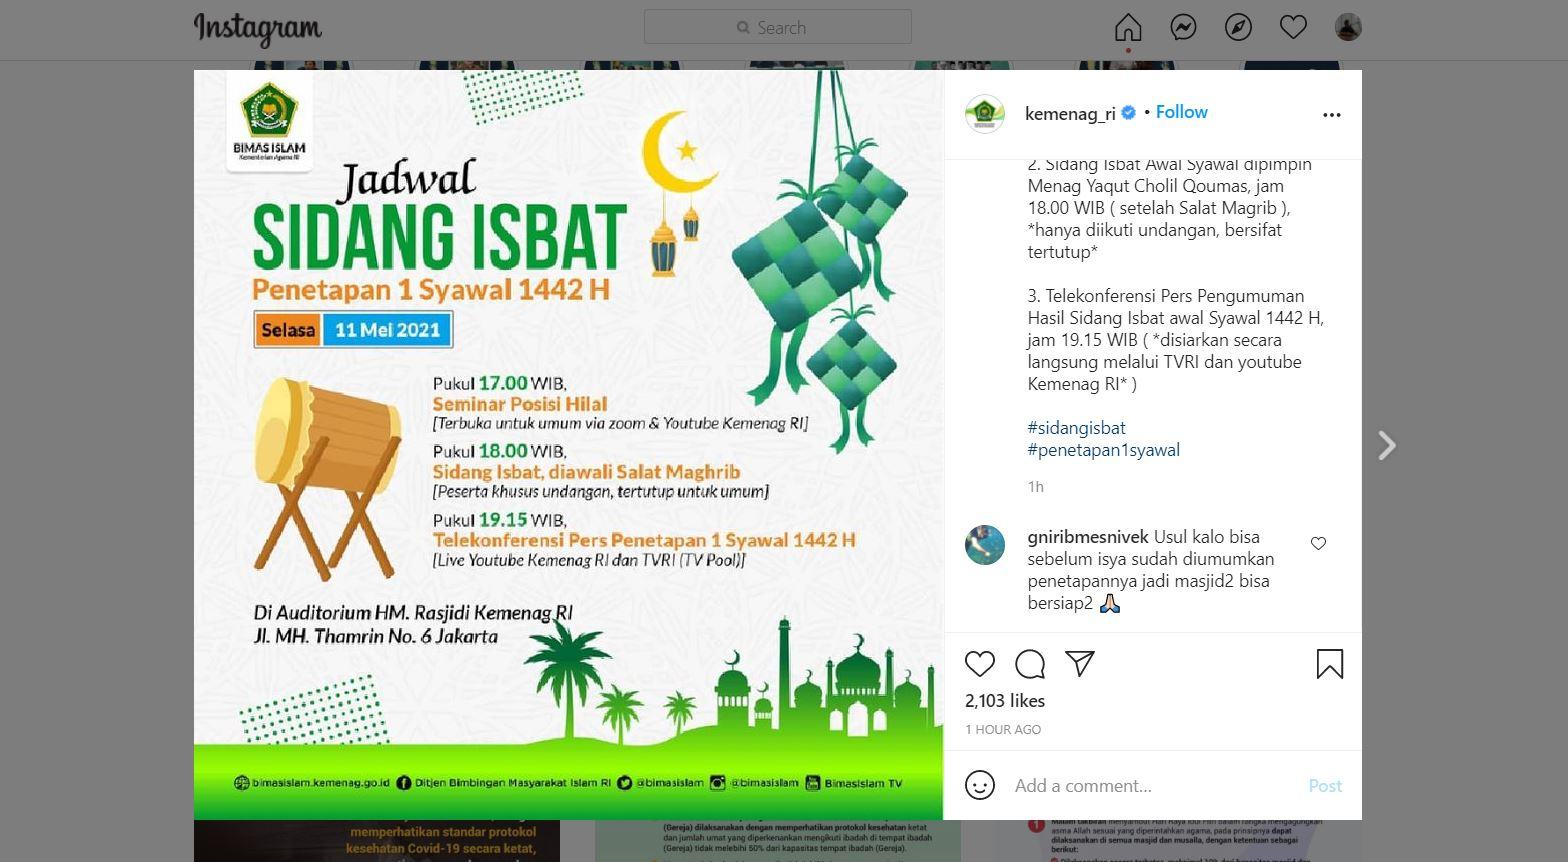 Kementerian Agama Bakal Gelar Sidang Sibat Idul Fitri 2021, Bisa Ditonton Online